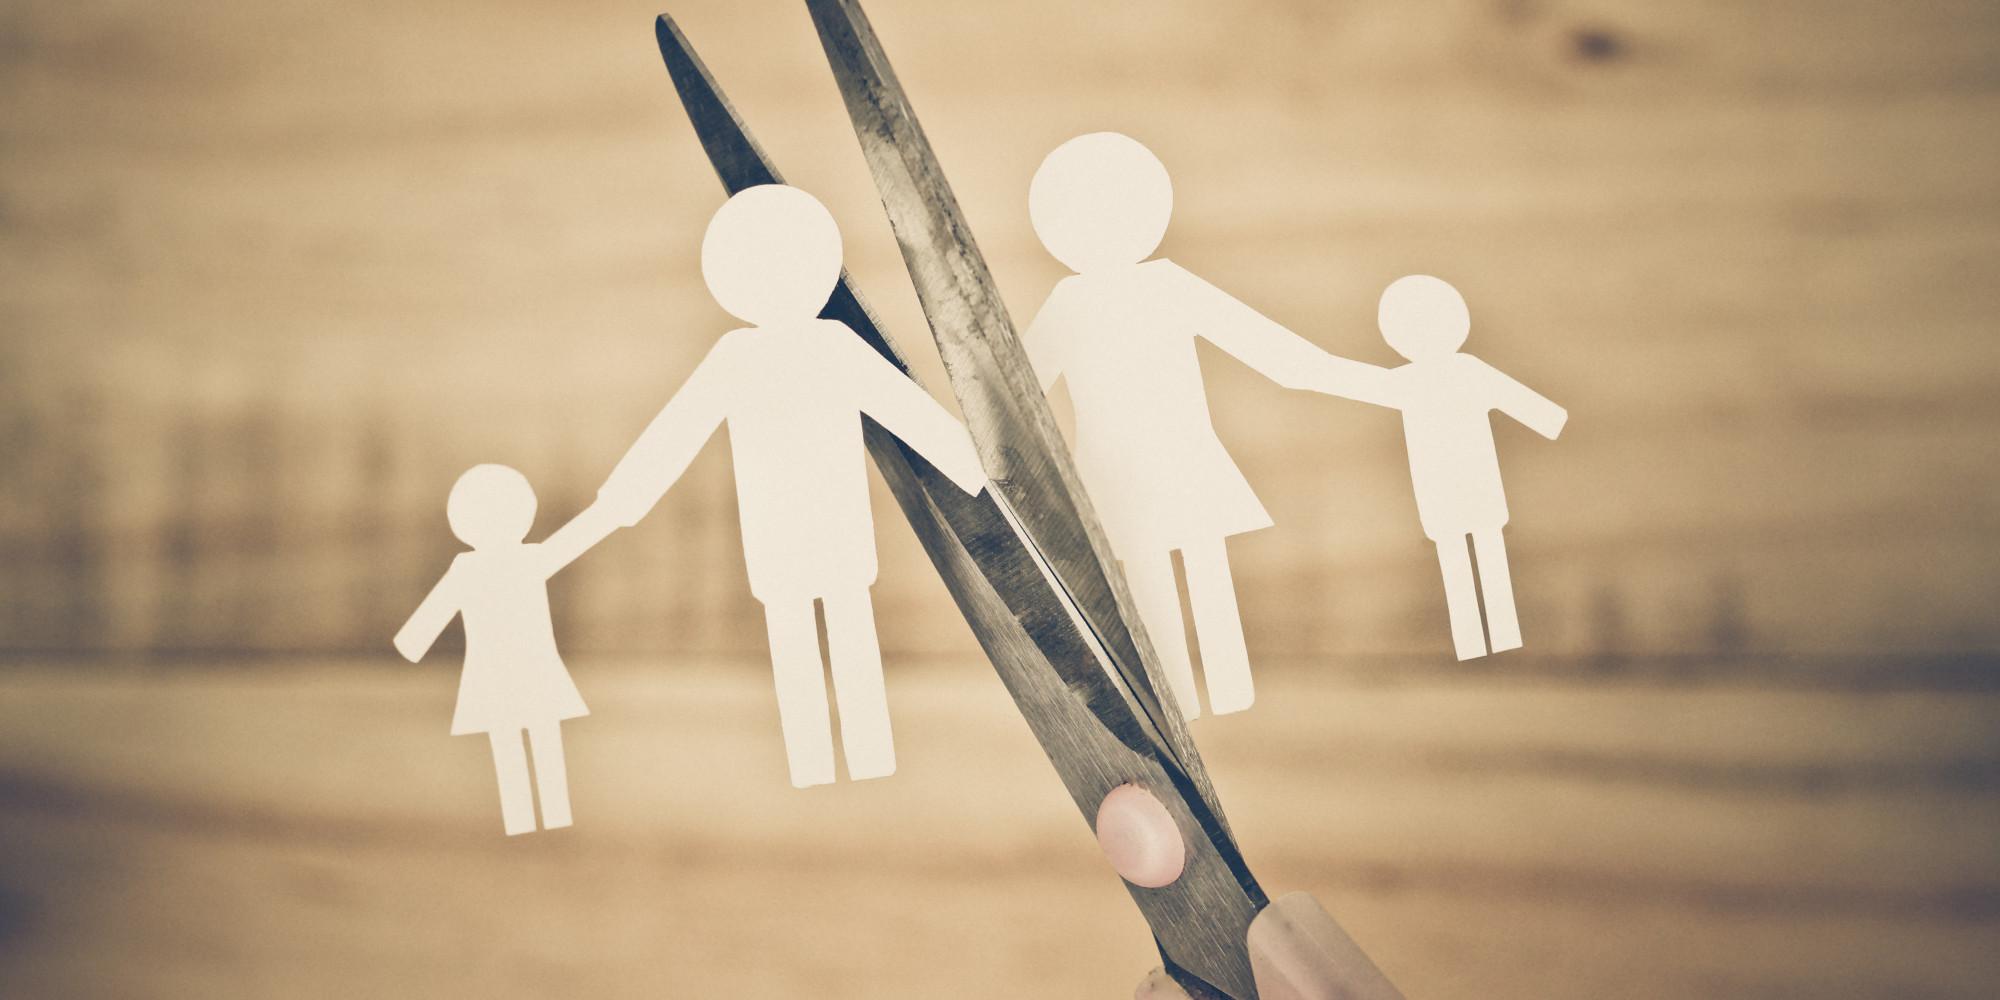 چگونه پس از طلاق، عواقب آن را تحمل کنیم؟